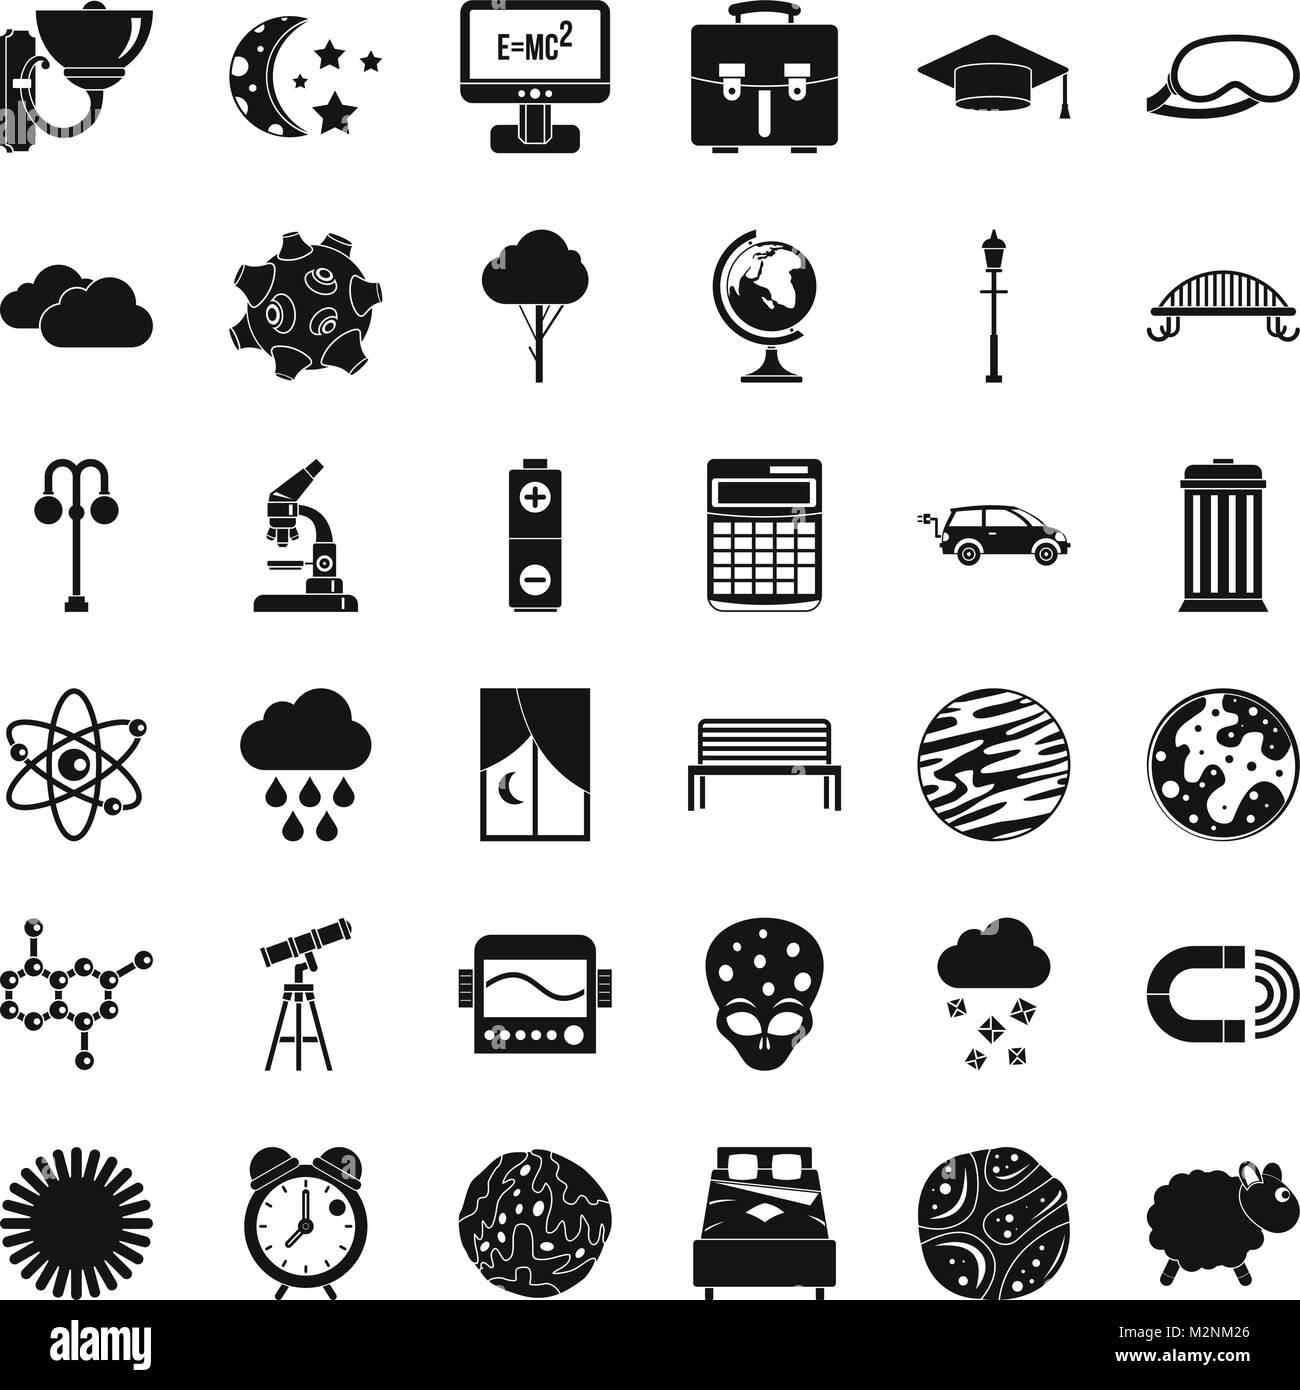 Erfreut Einfache Schaltplansymbole Fotos - Der Schaltplan ...